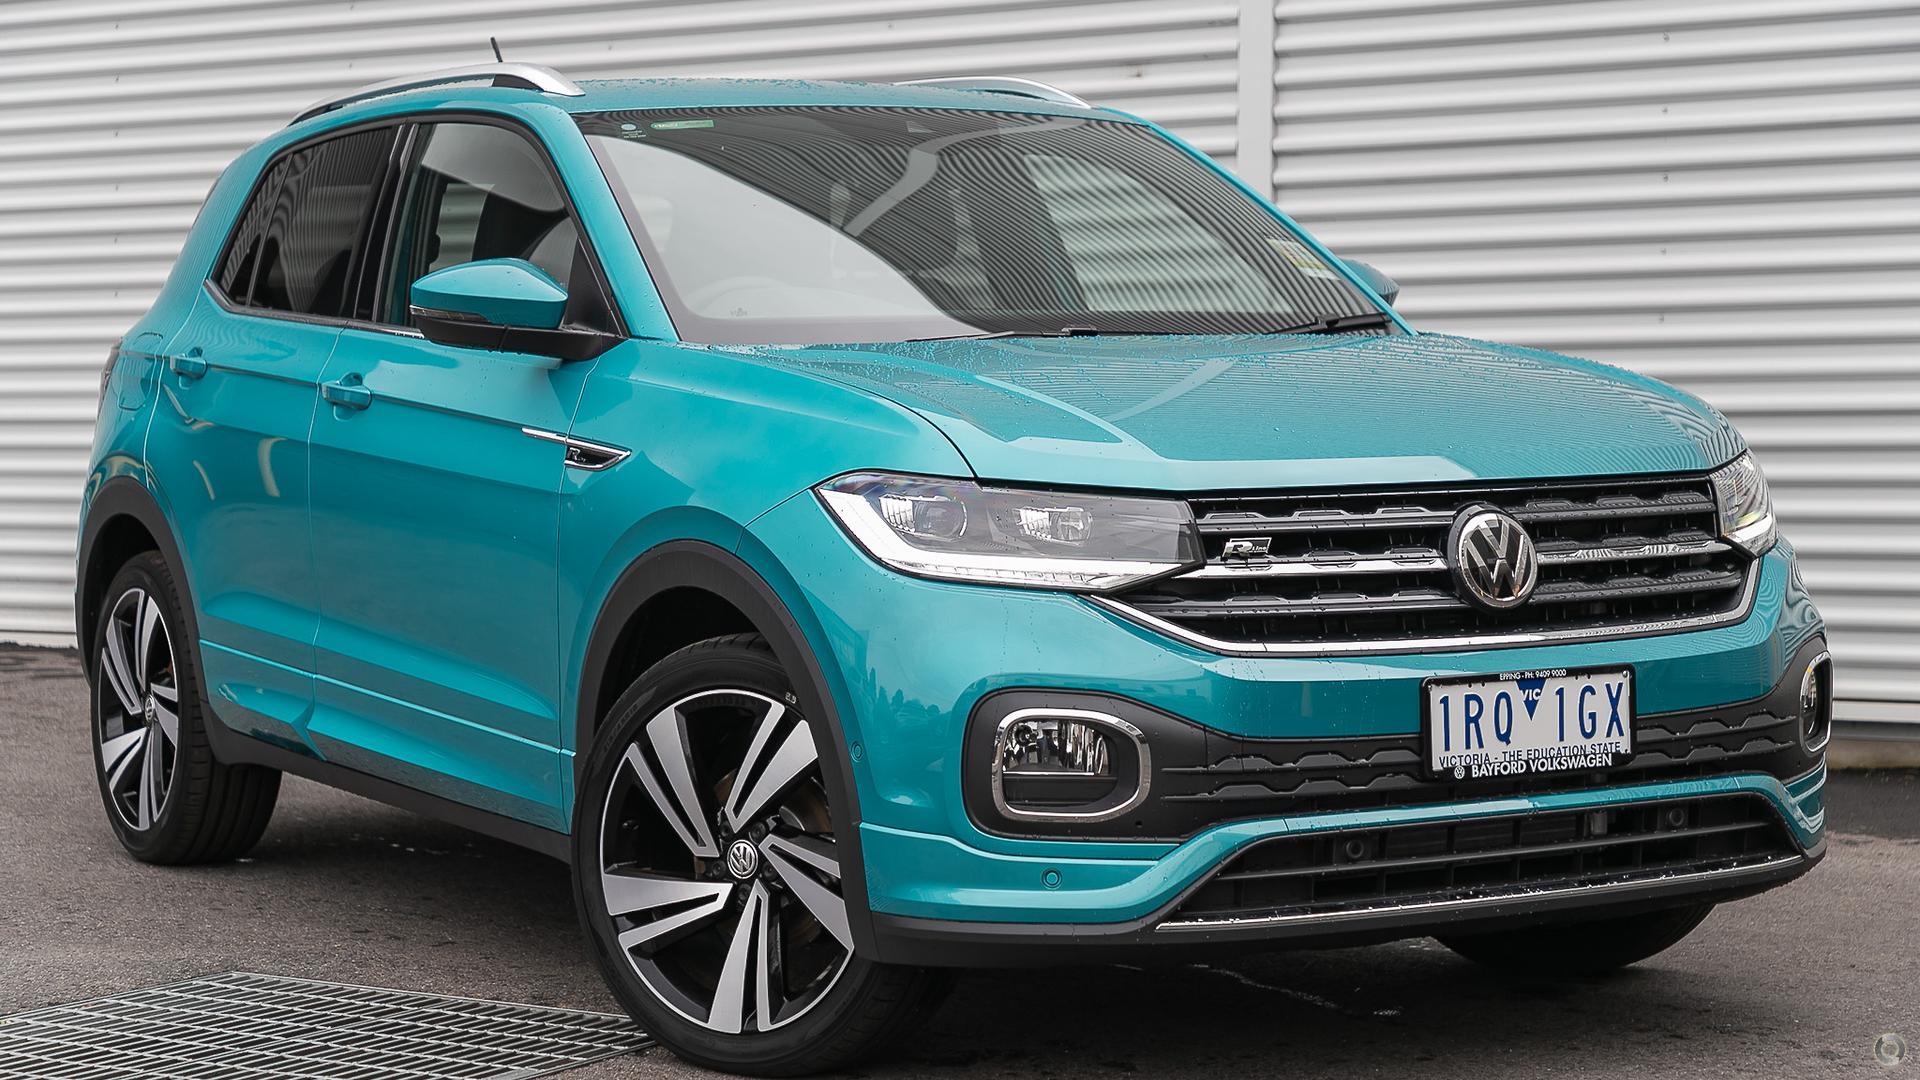 2020 Volkswagen T-cross C1